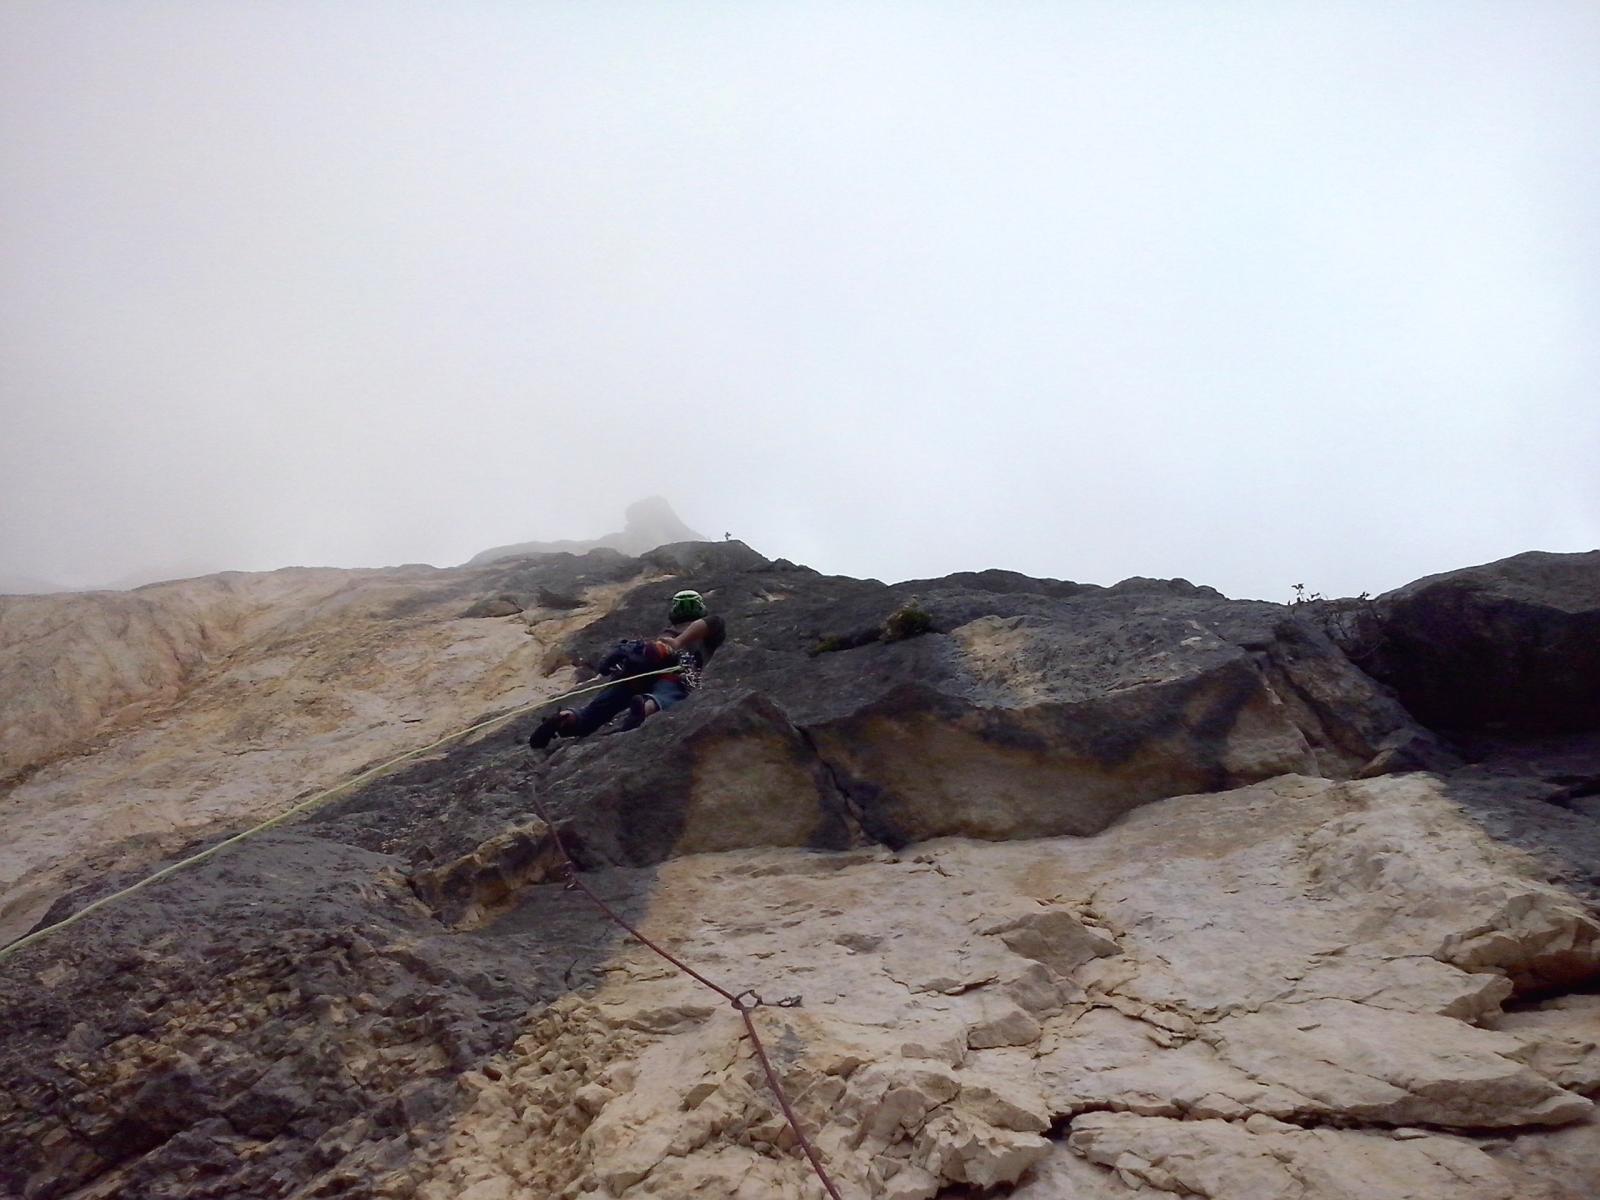 L10, 7a+, brrrrrrrrividi di roccia